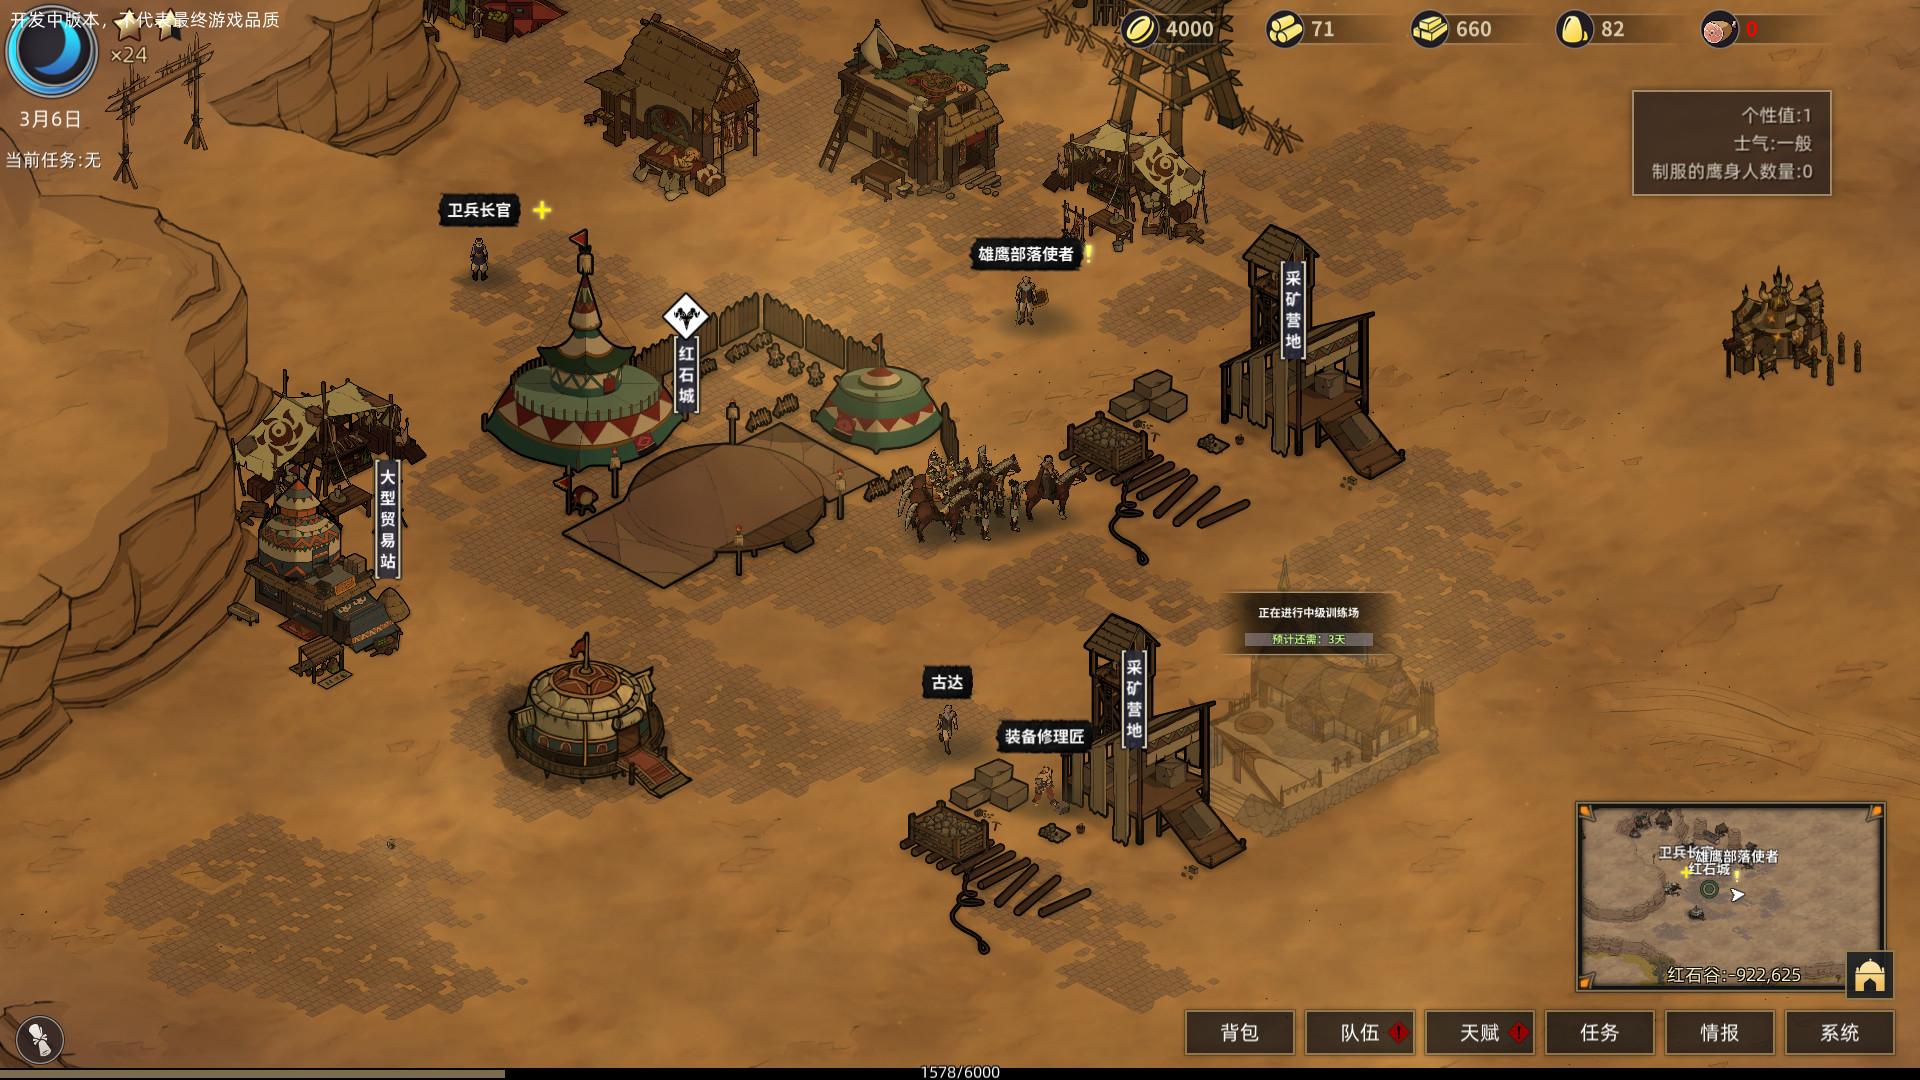 国产单机《部落与弯刀》明年初登陆Steam抢先体验